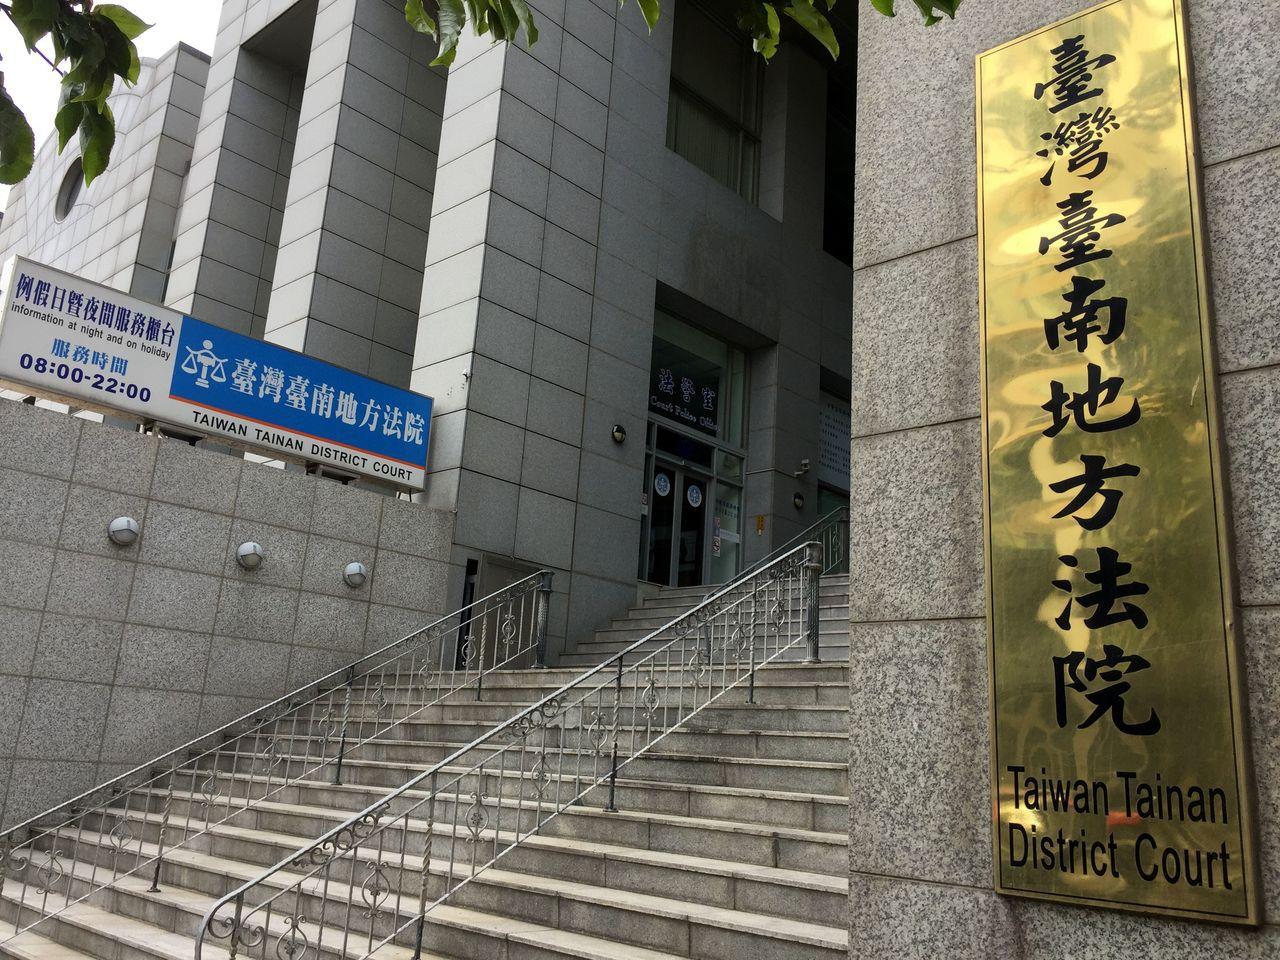 張的前妻盜領丈夫及婆婆農會及郵局帳戶內近百萬元,台南地院認她犯行使偽造文書、非法...